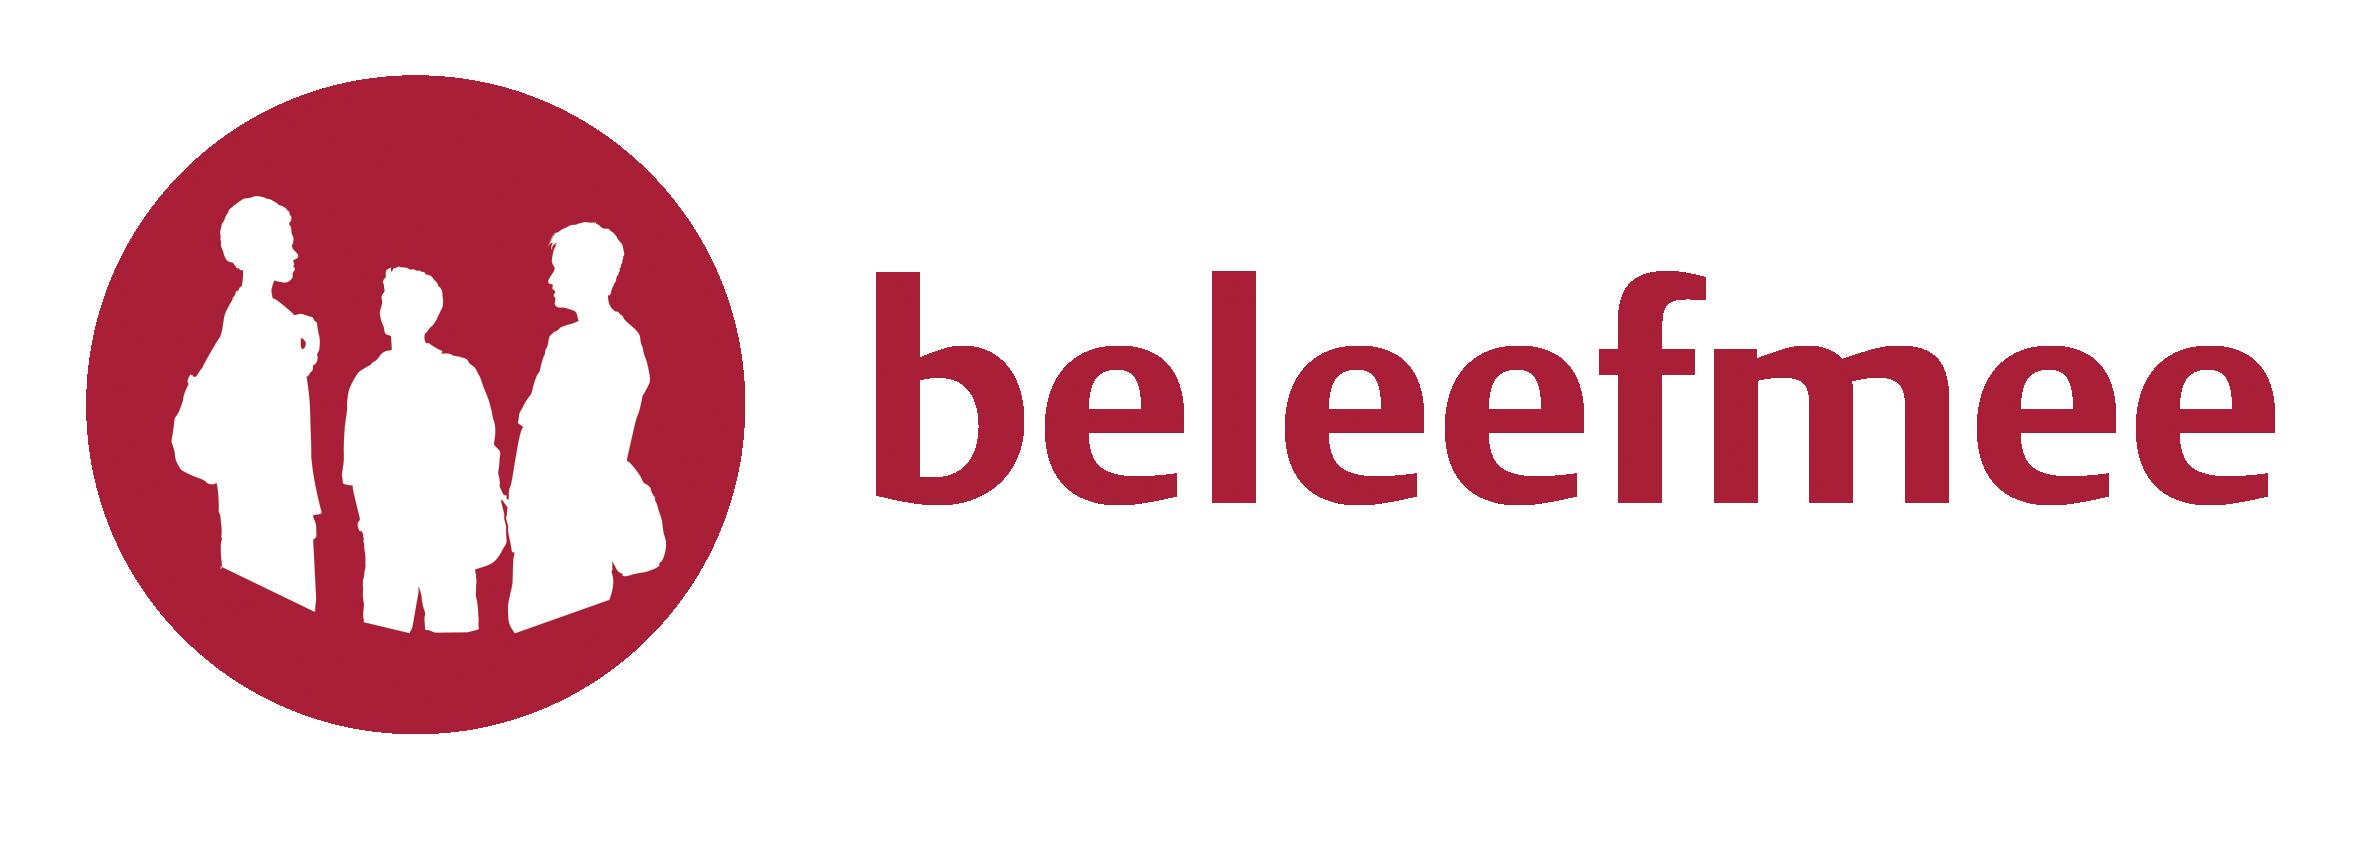 beleefmee_logo